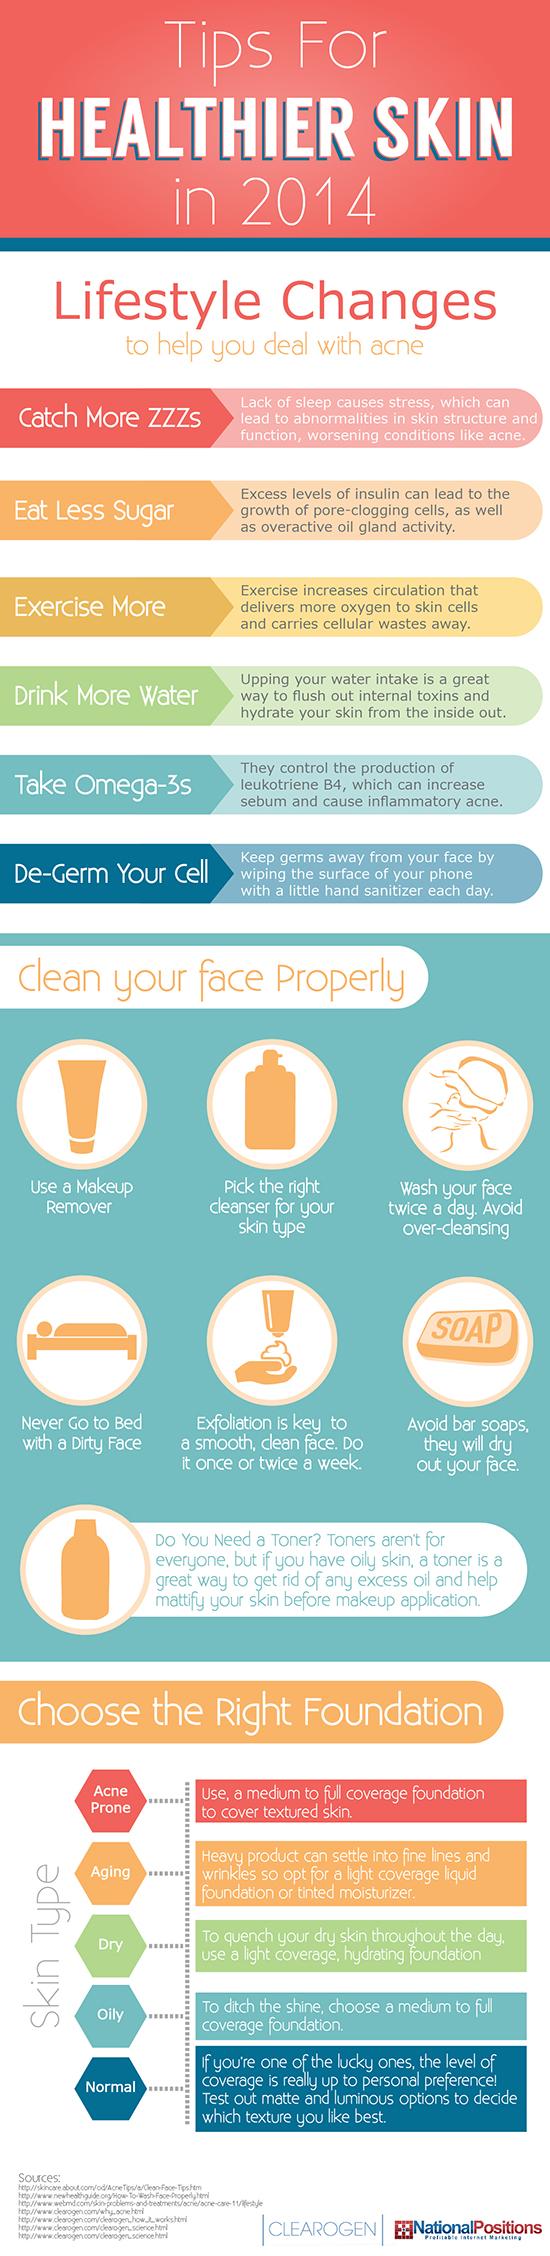 Tipps für gesündere Haut